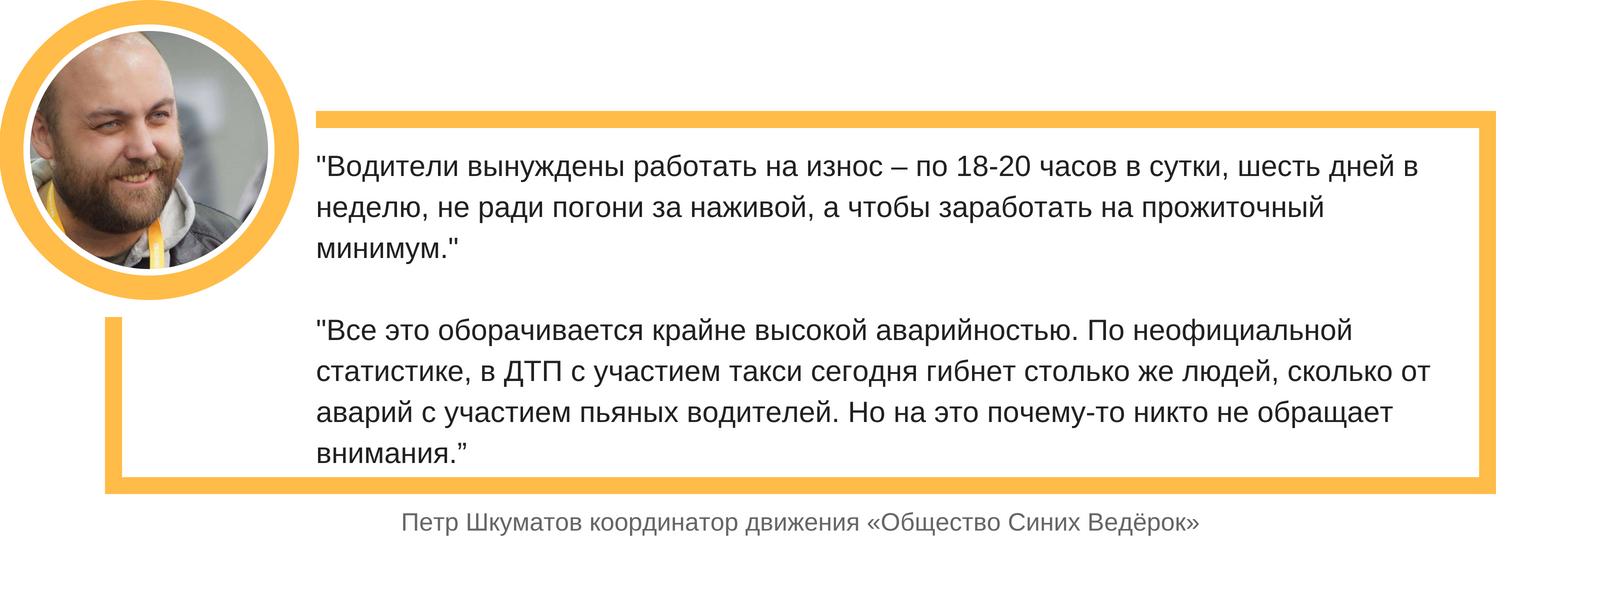 Цитата Петра Шкуматова